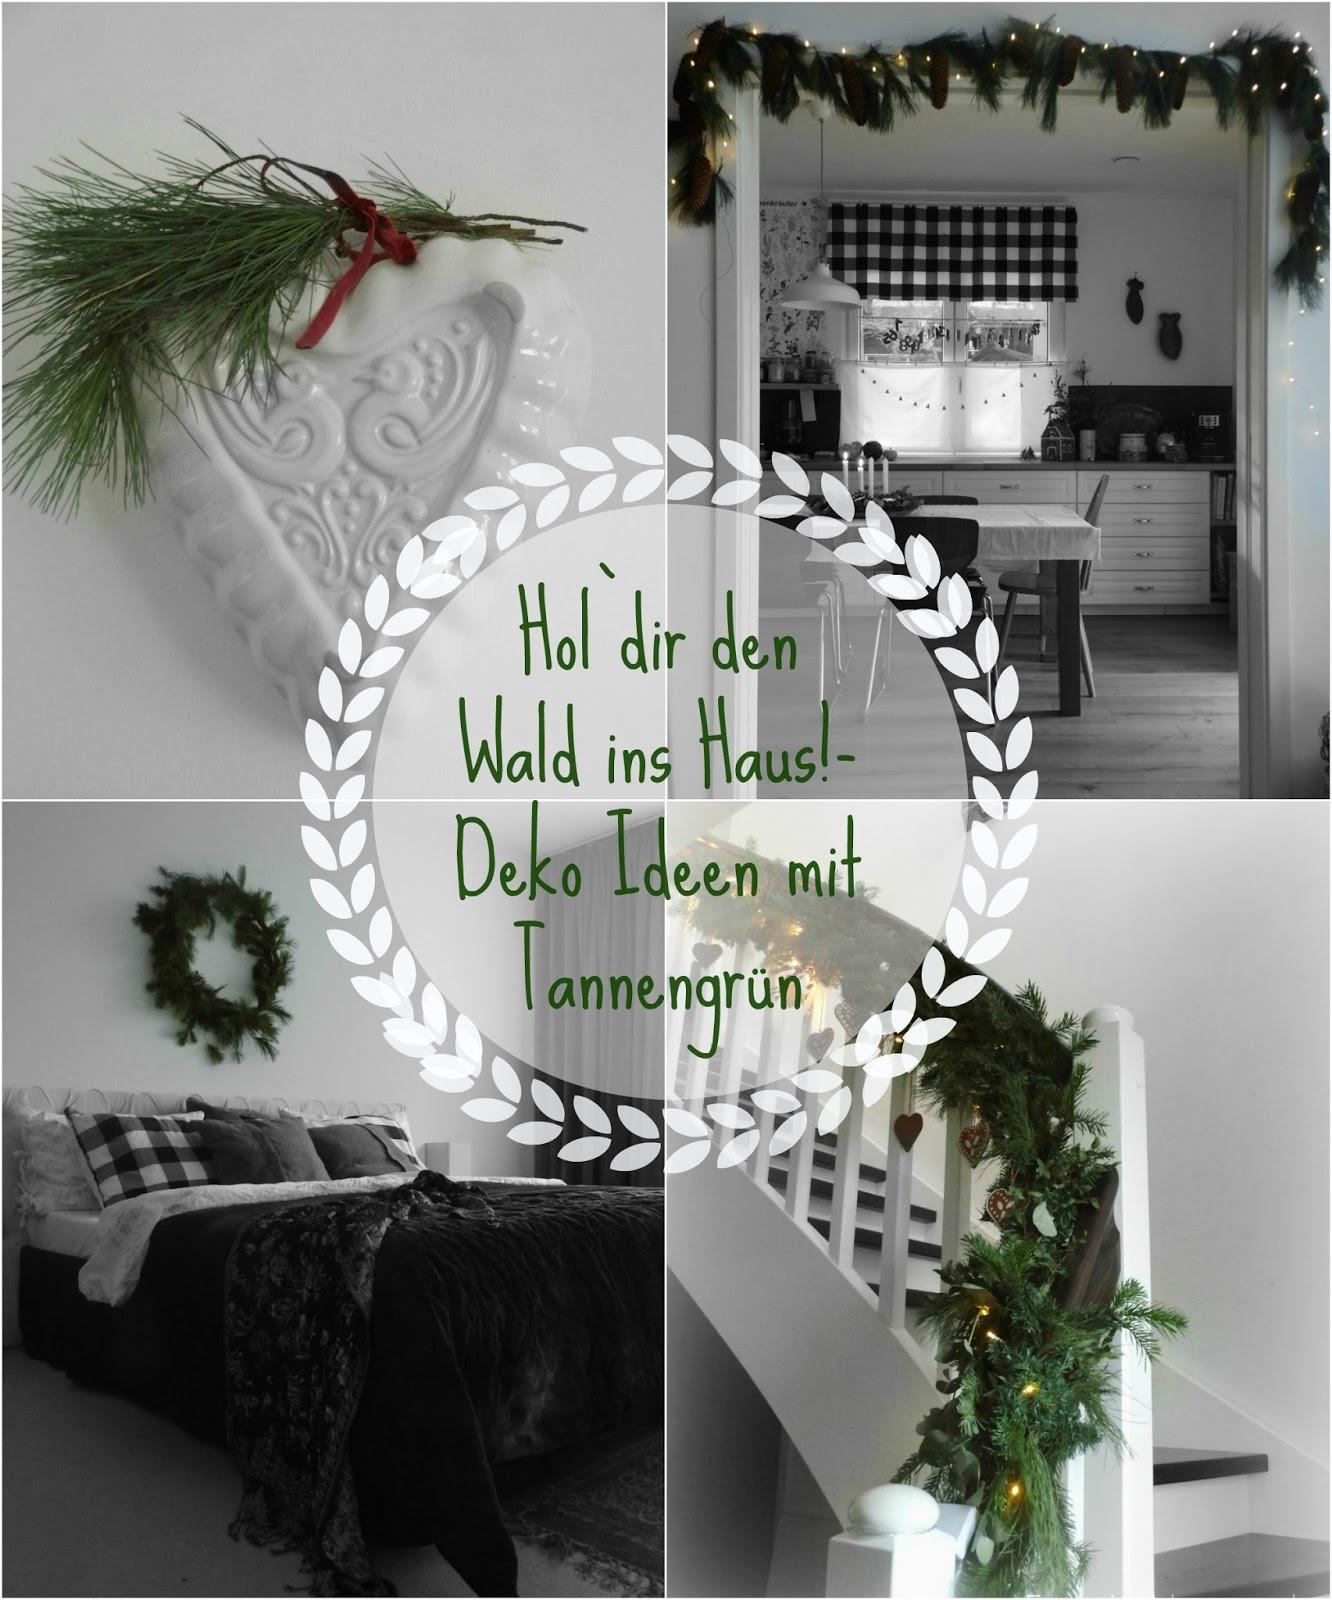 Ernestka Ich Hol Mir Den Wald Ins Haus Deko Ideen Mit Tannengrun